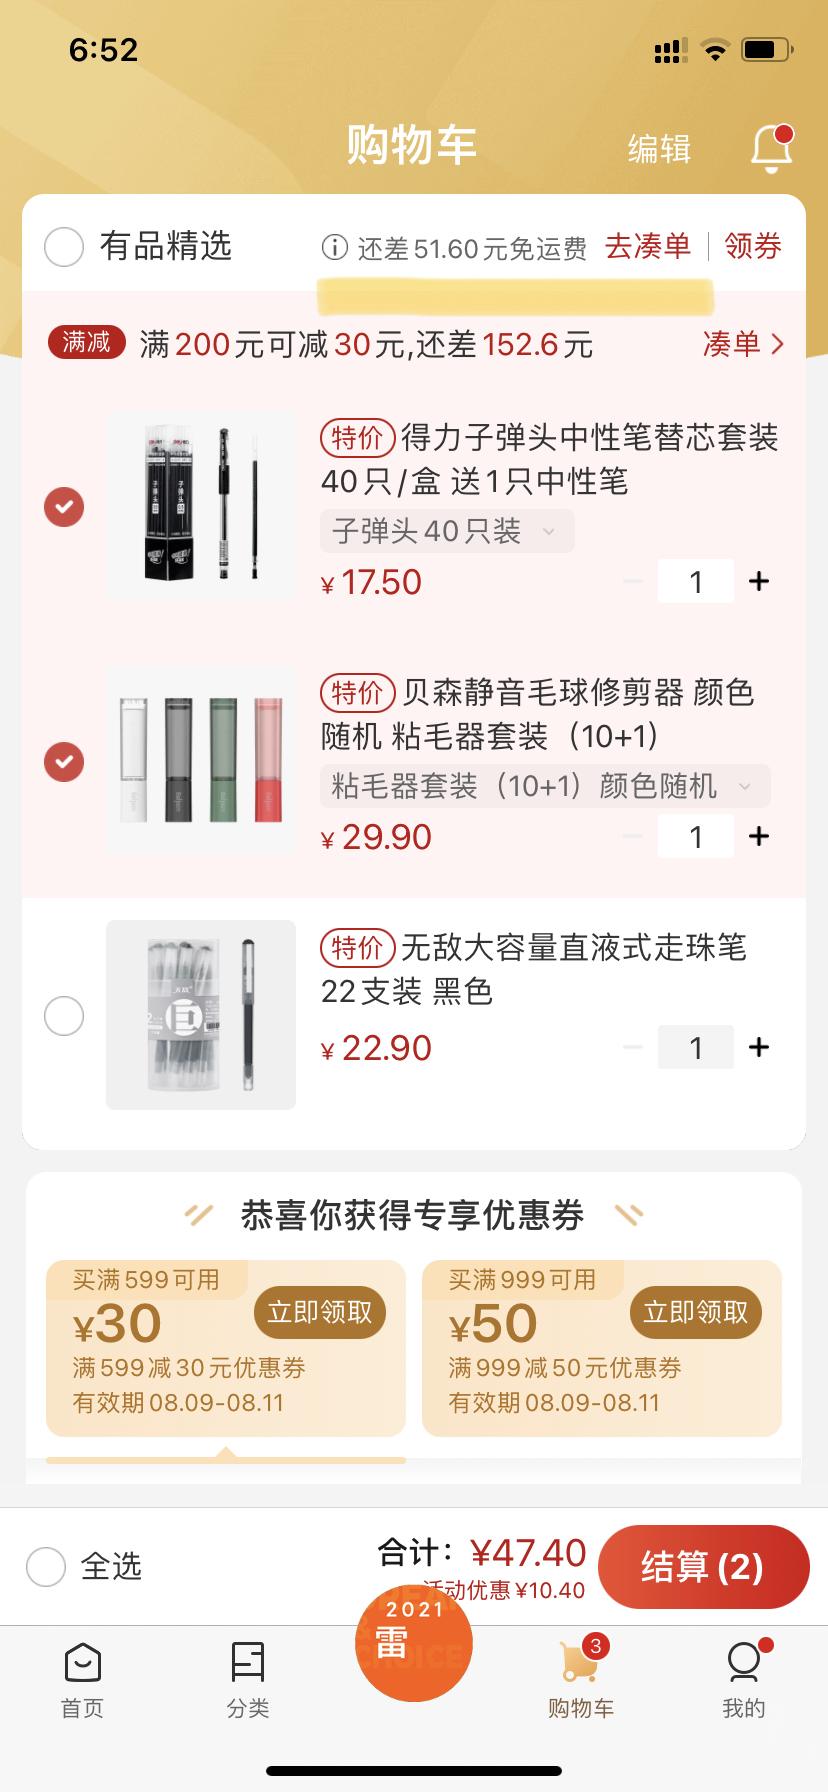 小米有品产品分析报告 小米有品 第67张